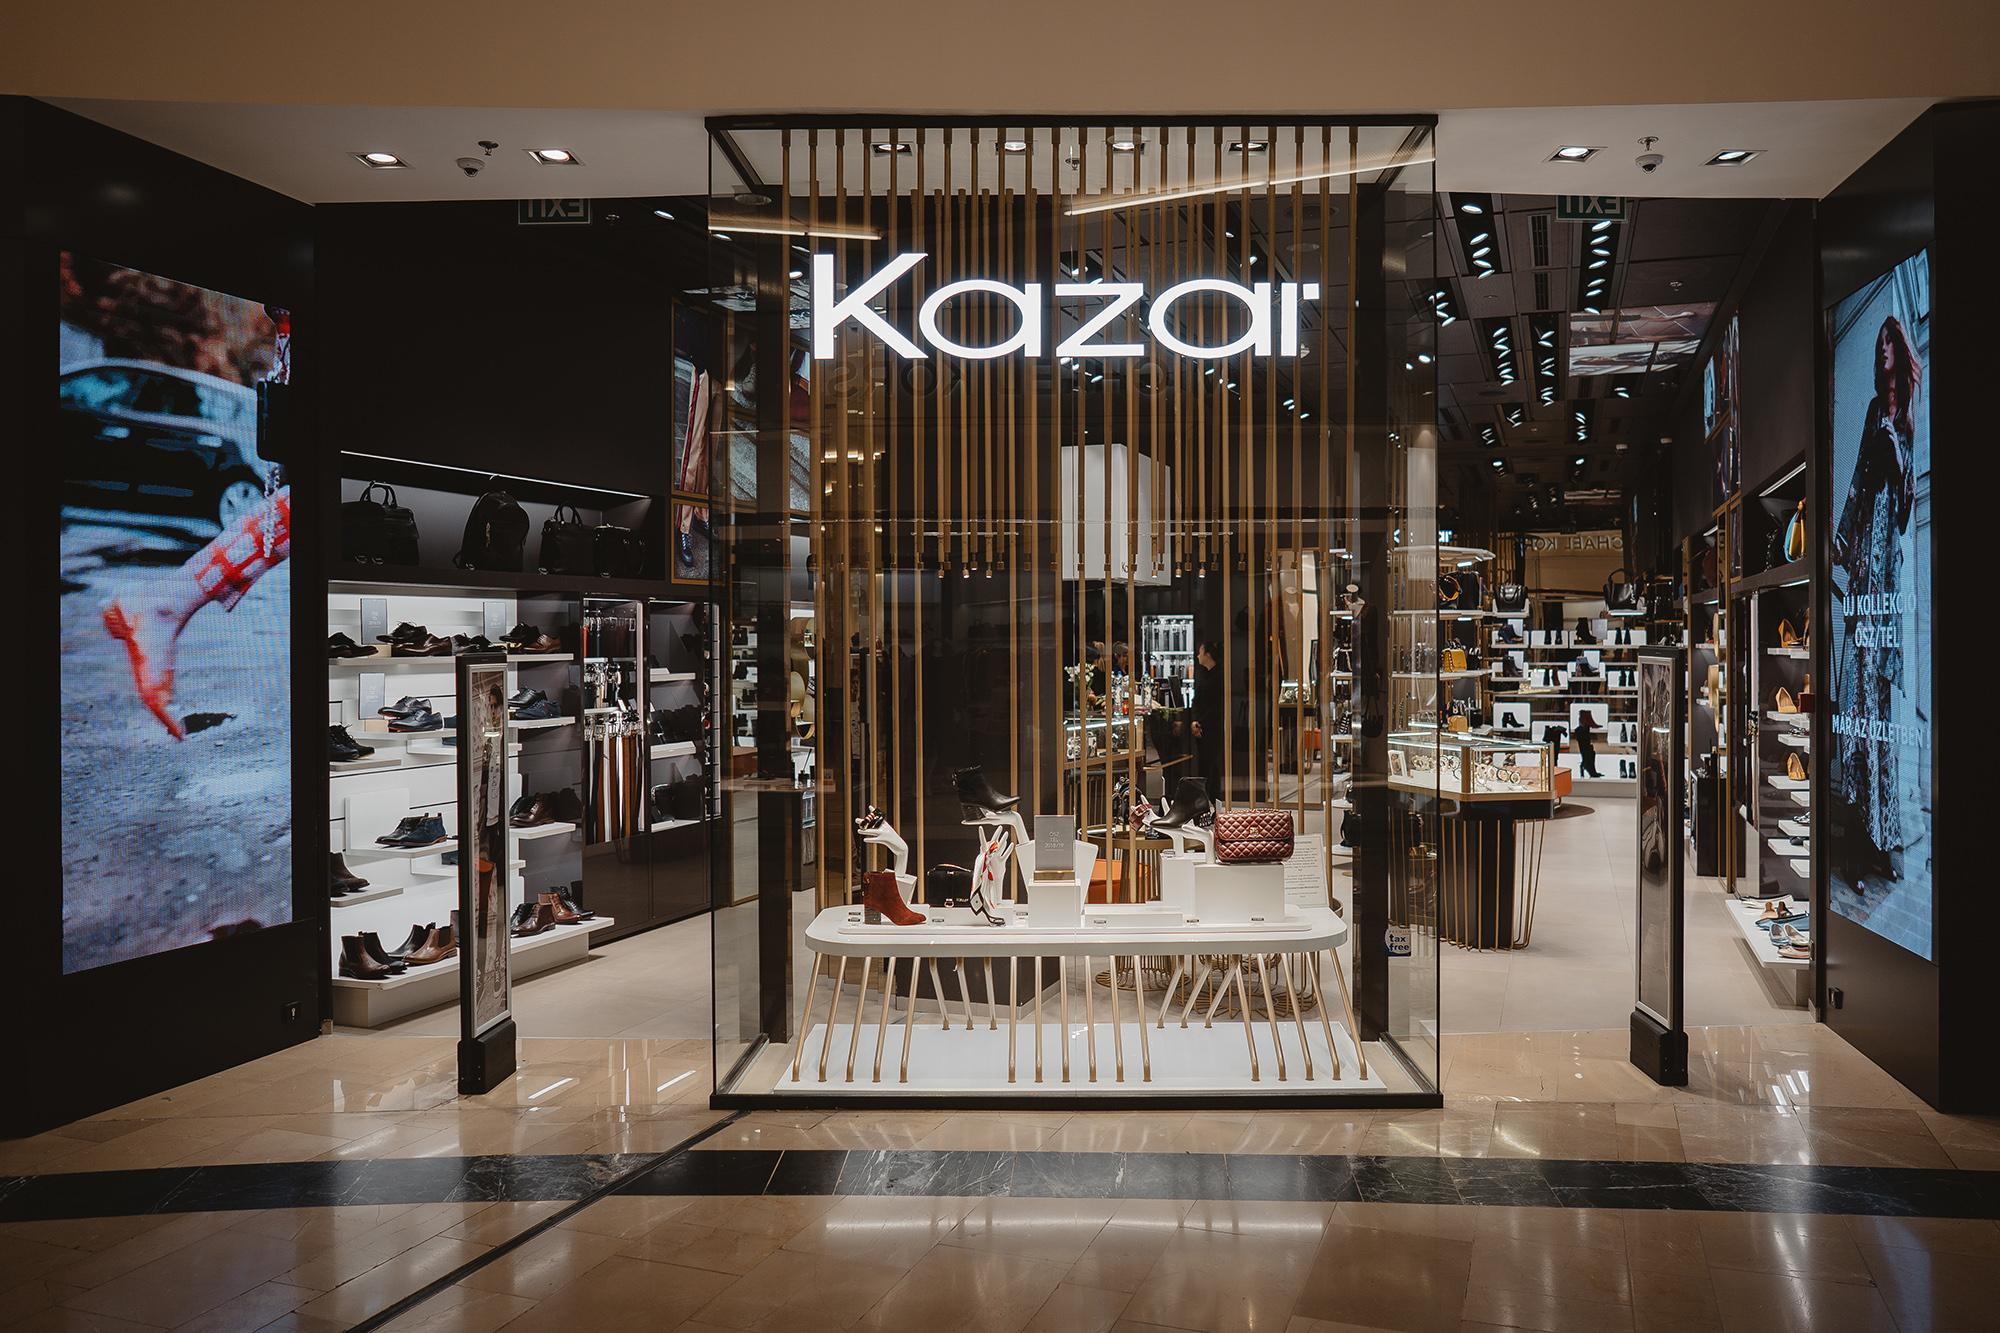 Letisztult formavilág, izgalmas anyagok és rátétek jellemzik a Kazar új kollekcióját!